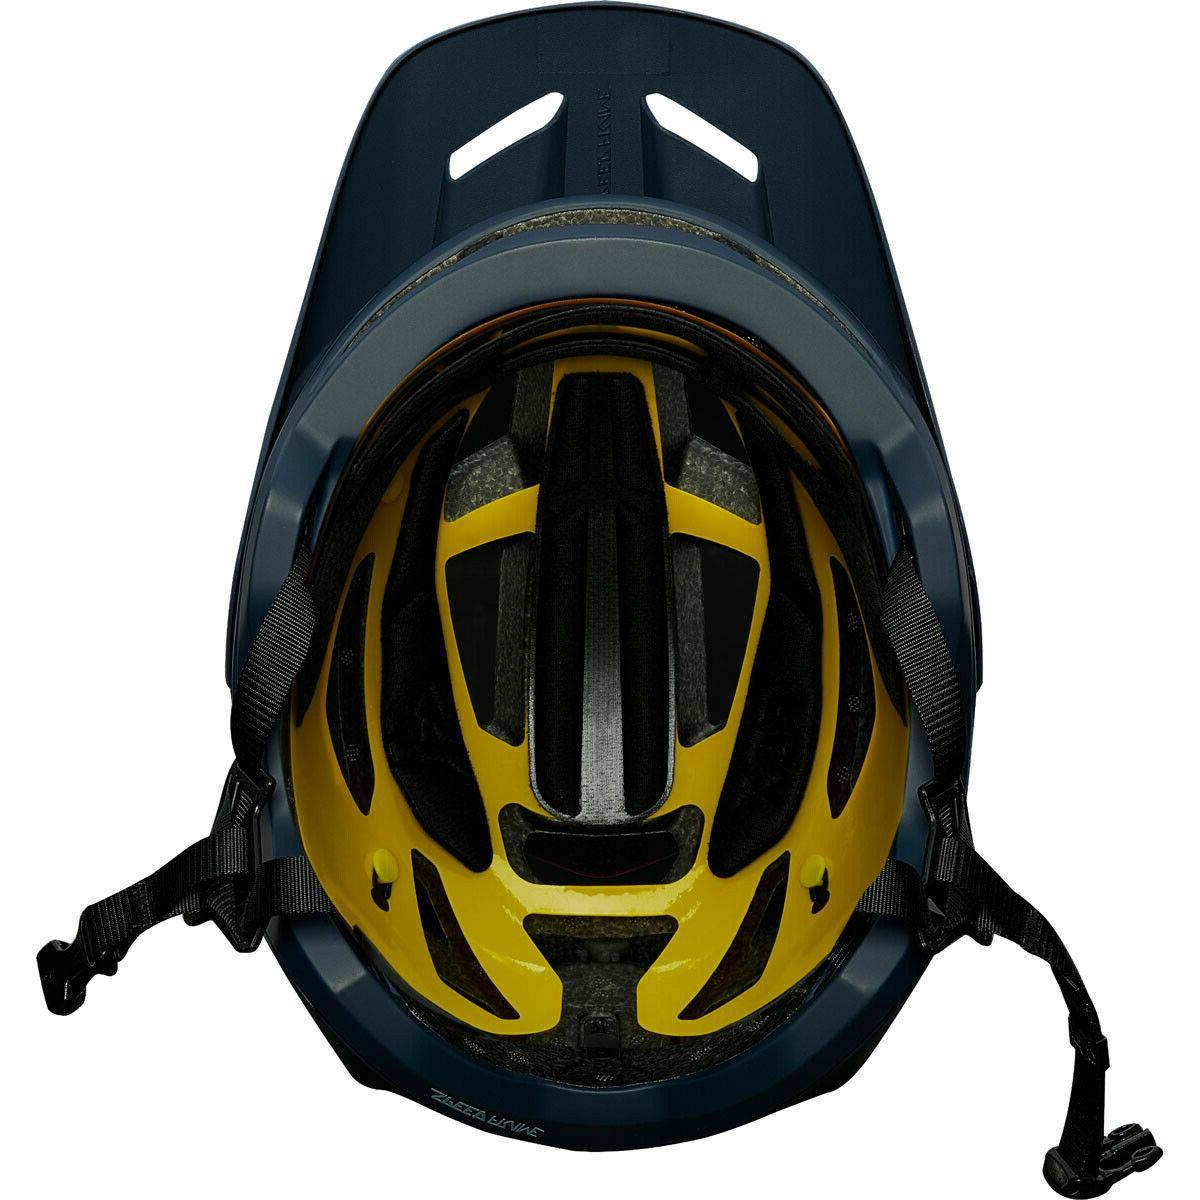 NEW Racing Speedframe Helmet Navy Small